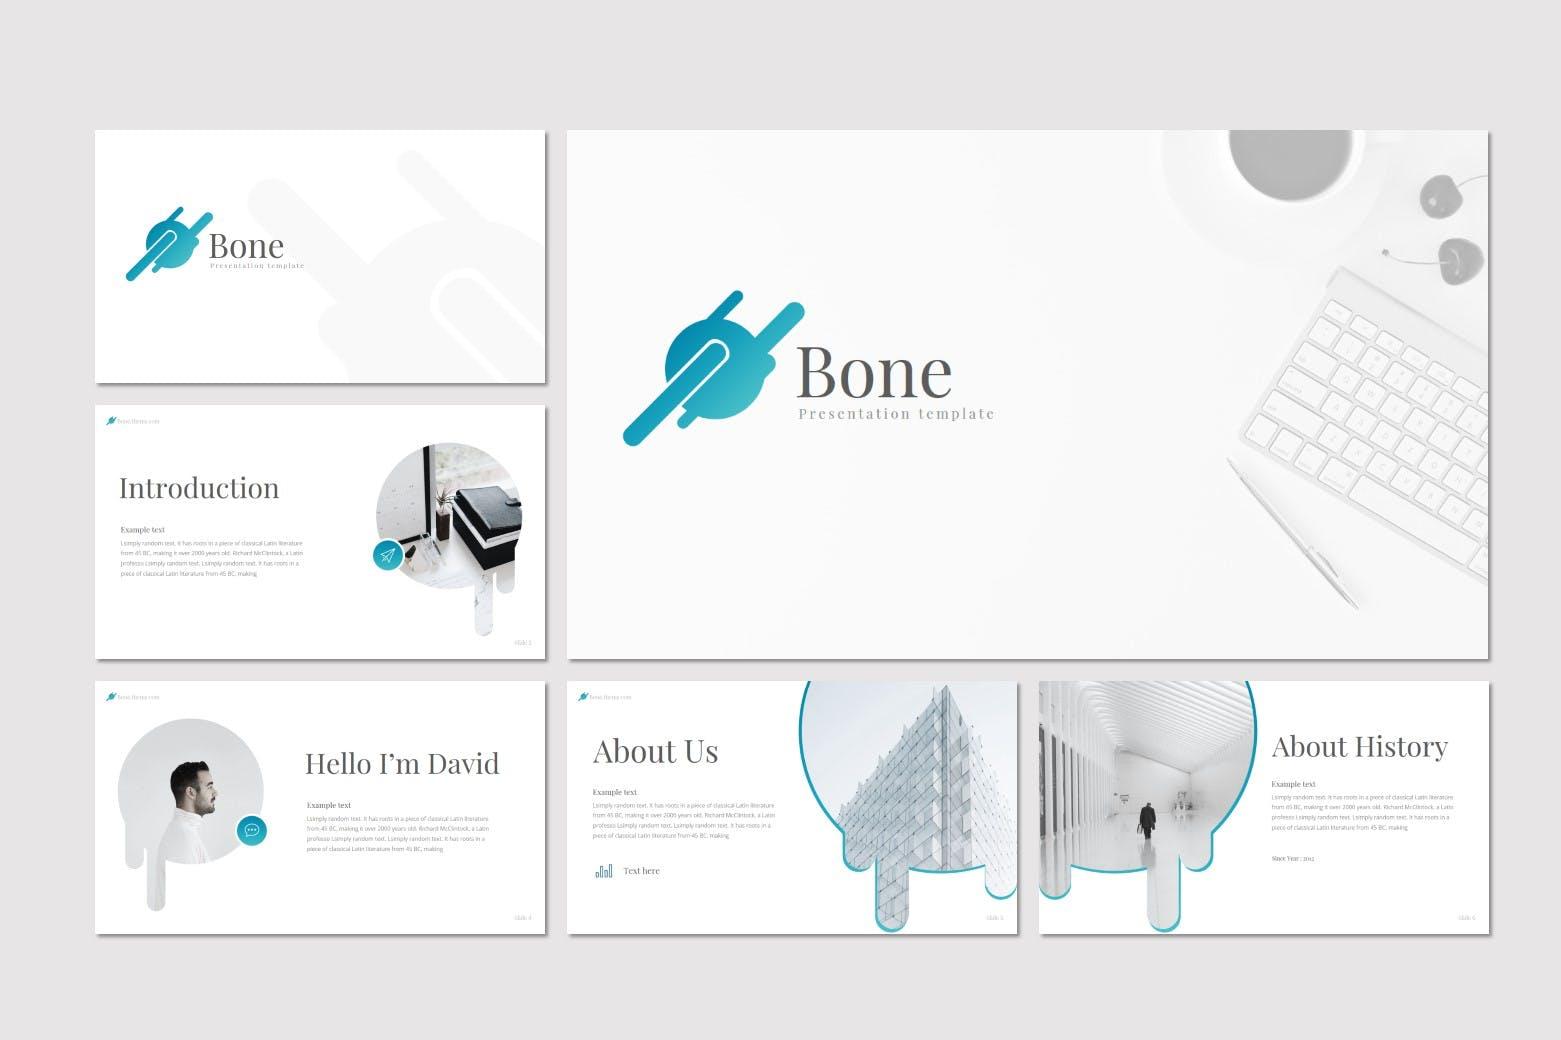 企业业务演示PPT幻灯片模板Bone Powerpoint插图(2)